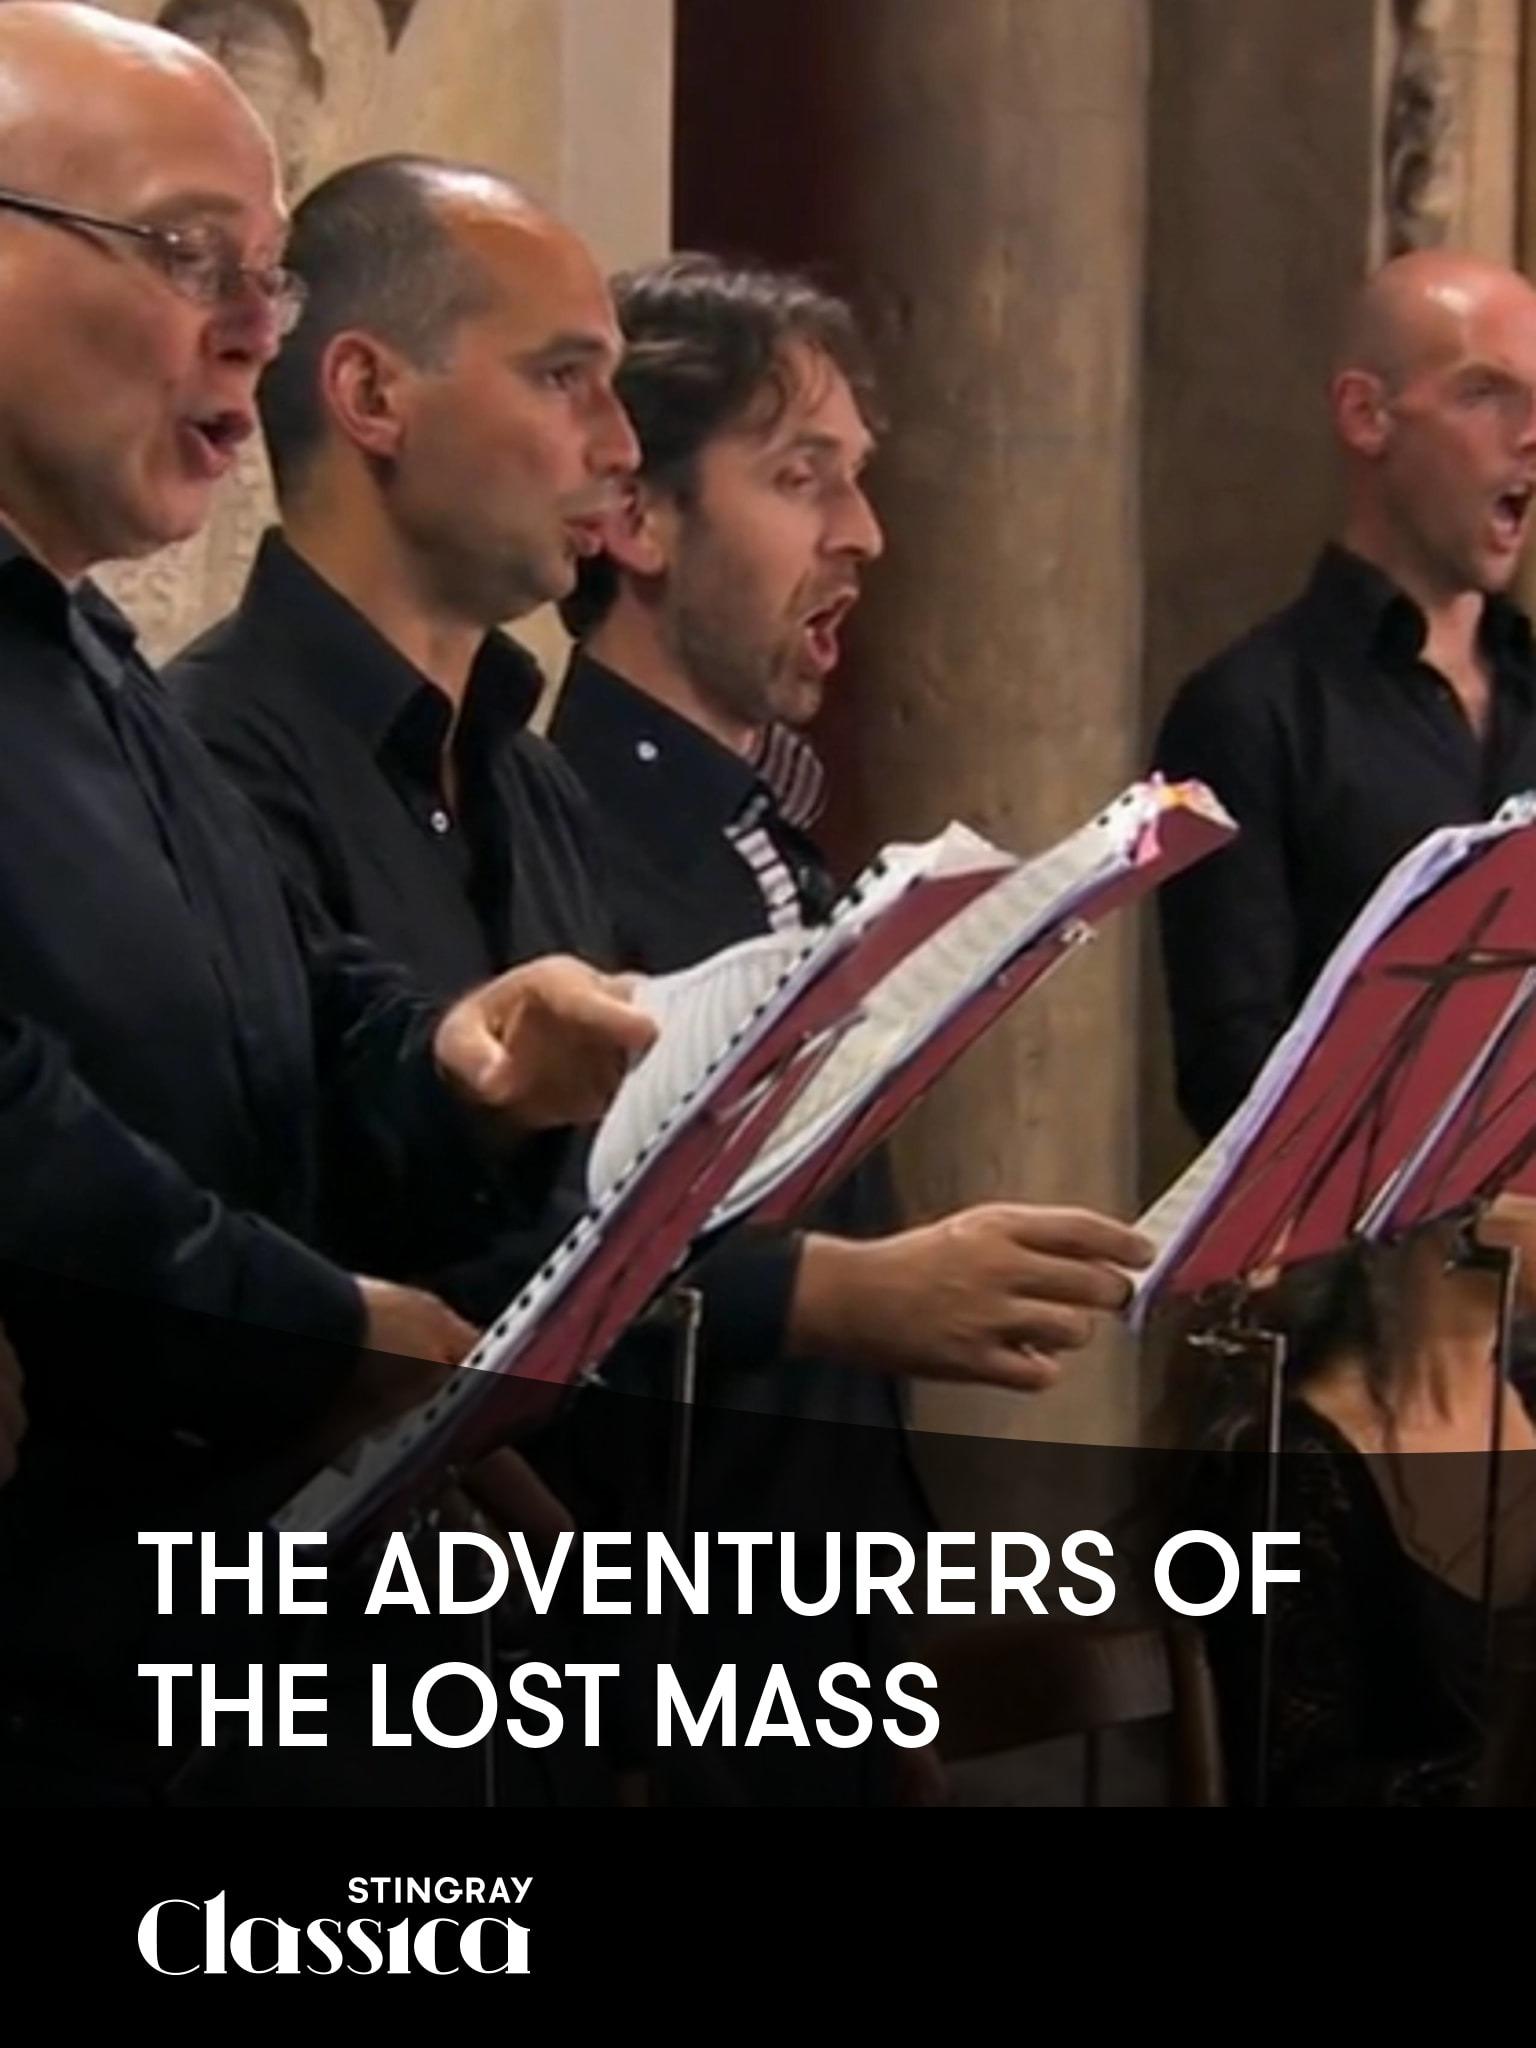 Die Abenteurer der verlorenen Messe